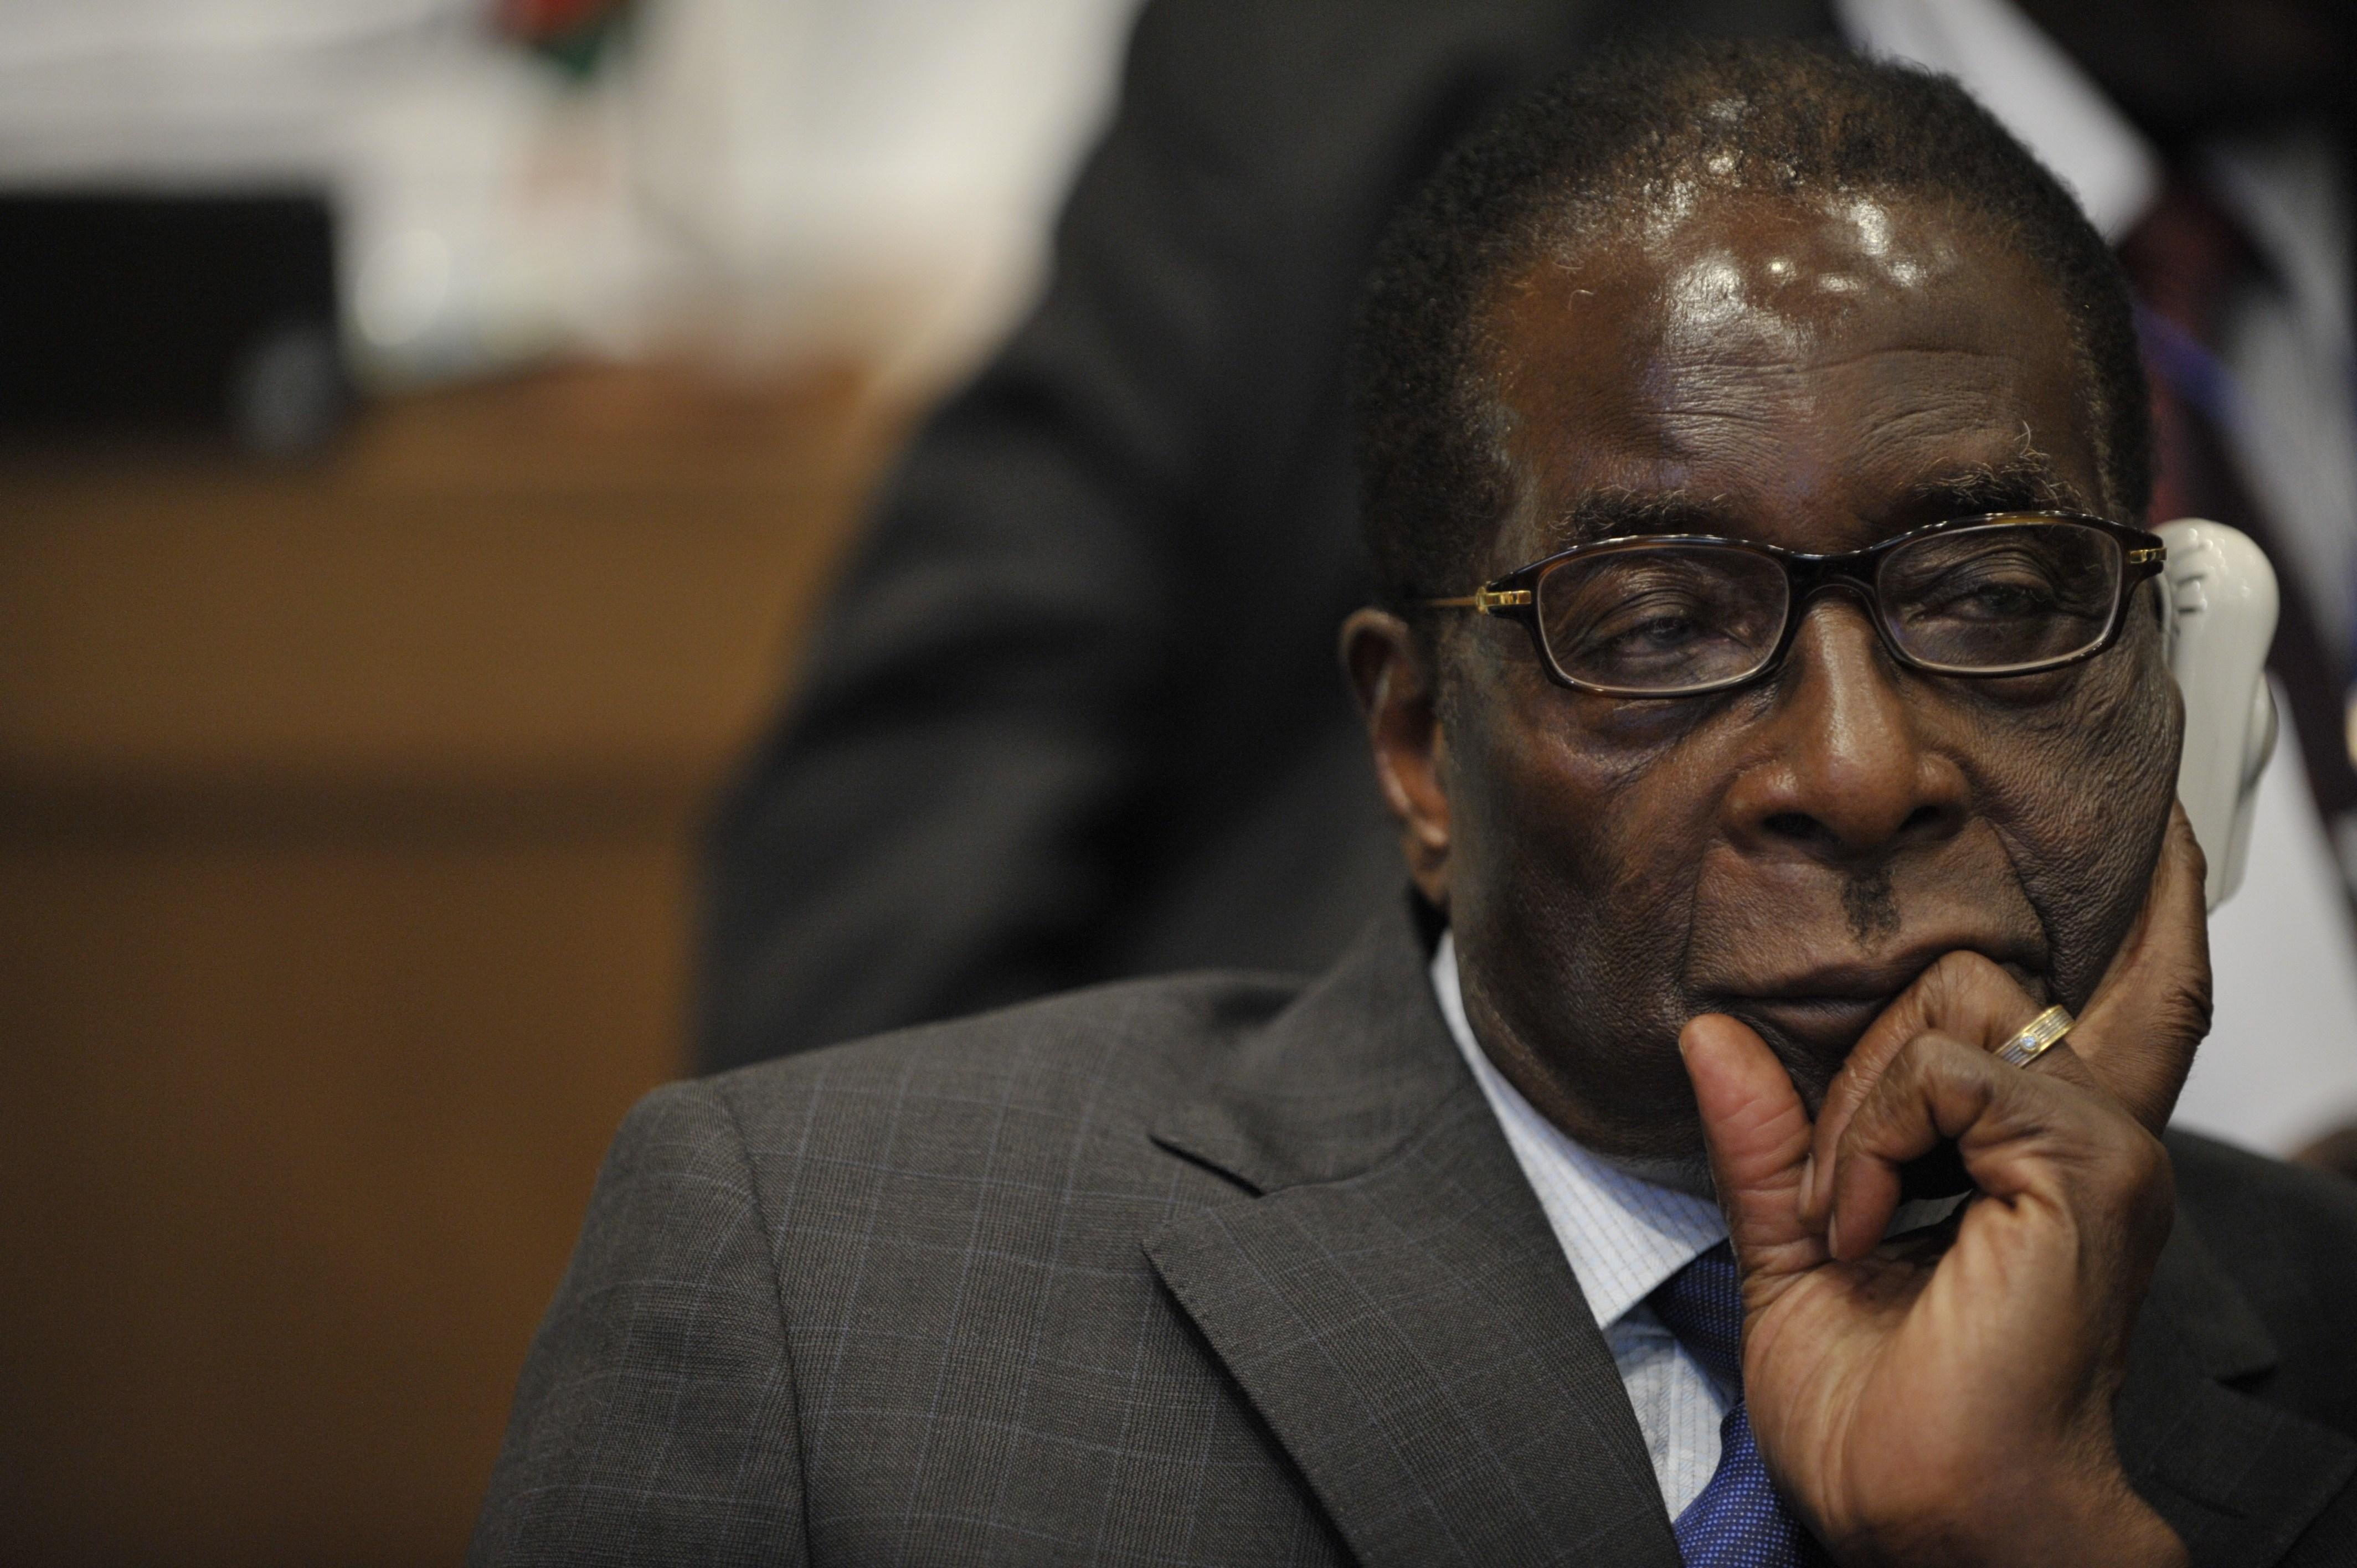 Robert_Mugabe_12th_AU_Summit_090202 N 0506A 411